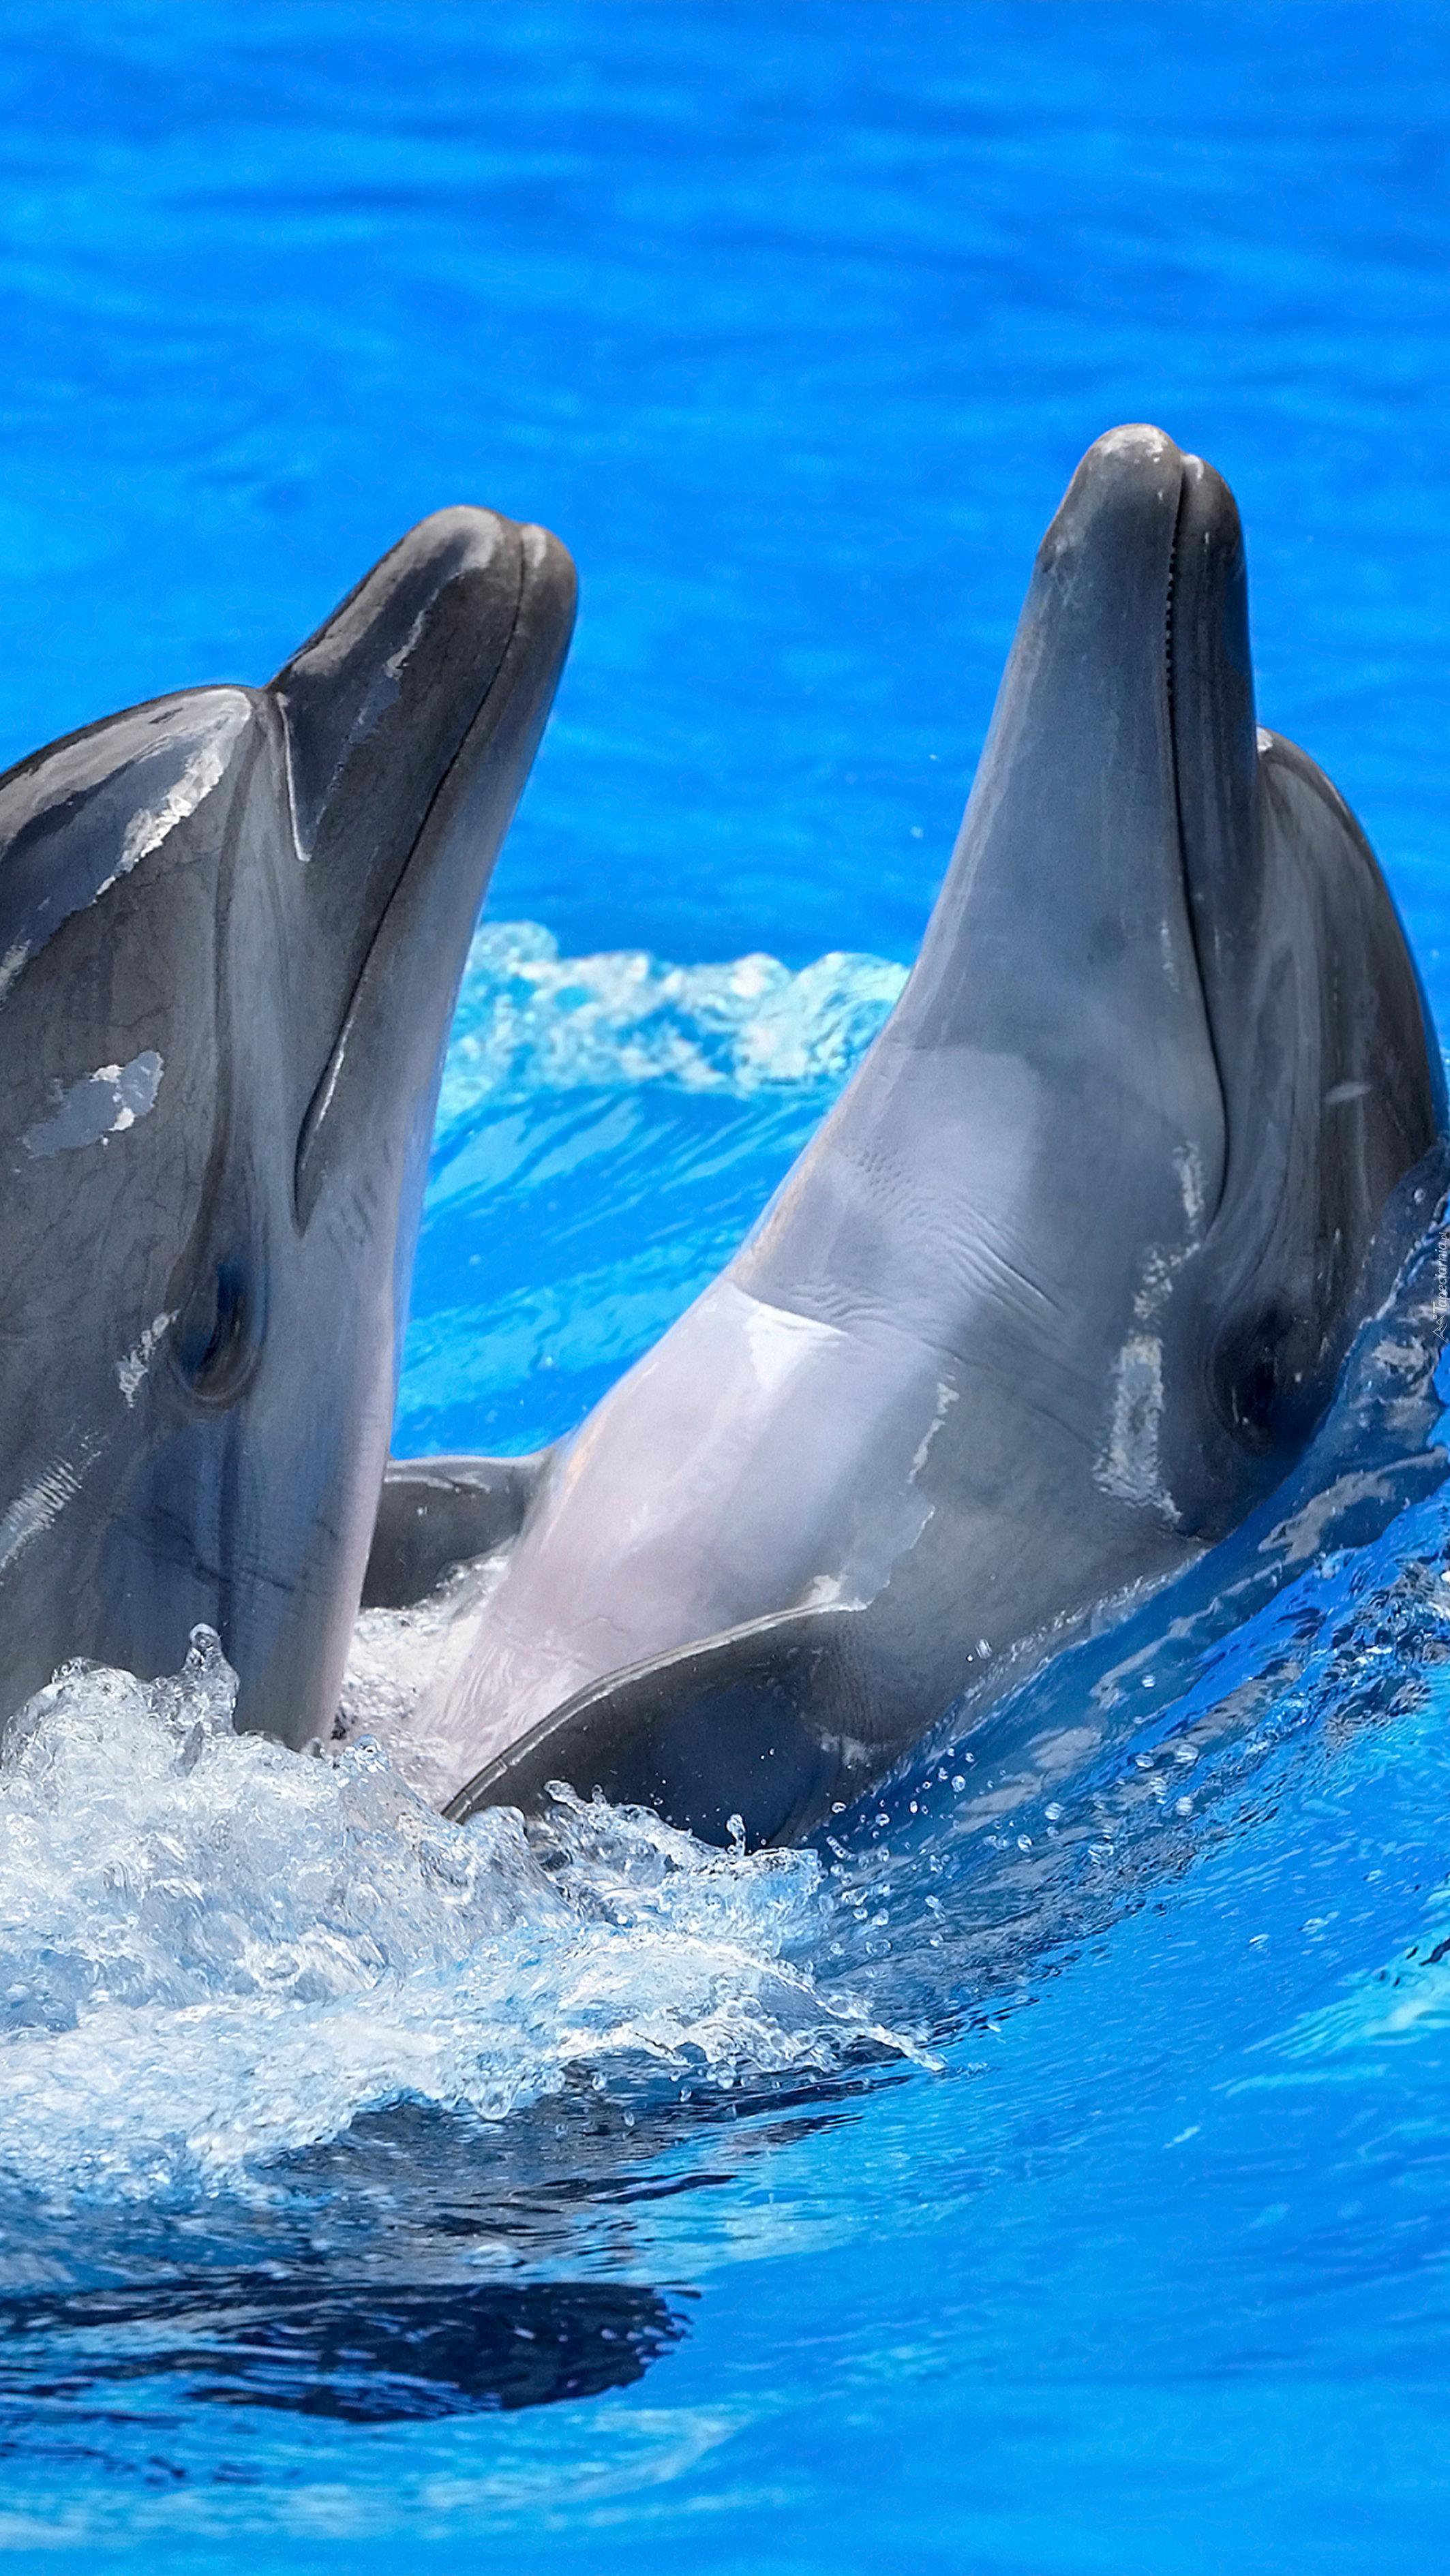 Dwa delfiny w wodzie